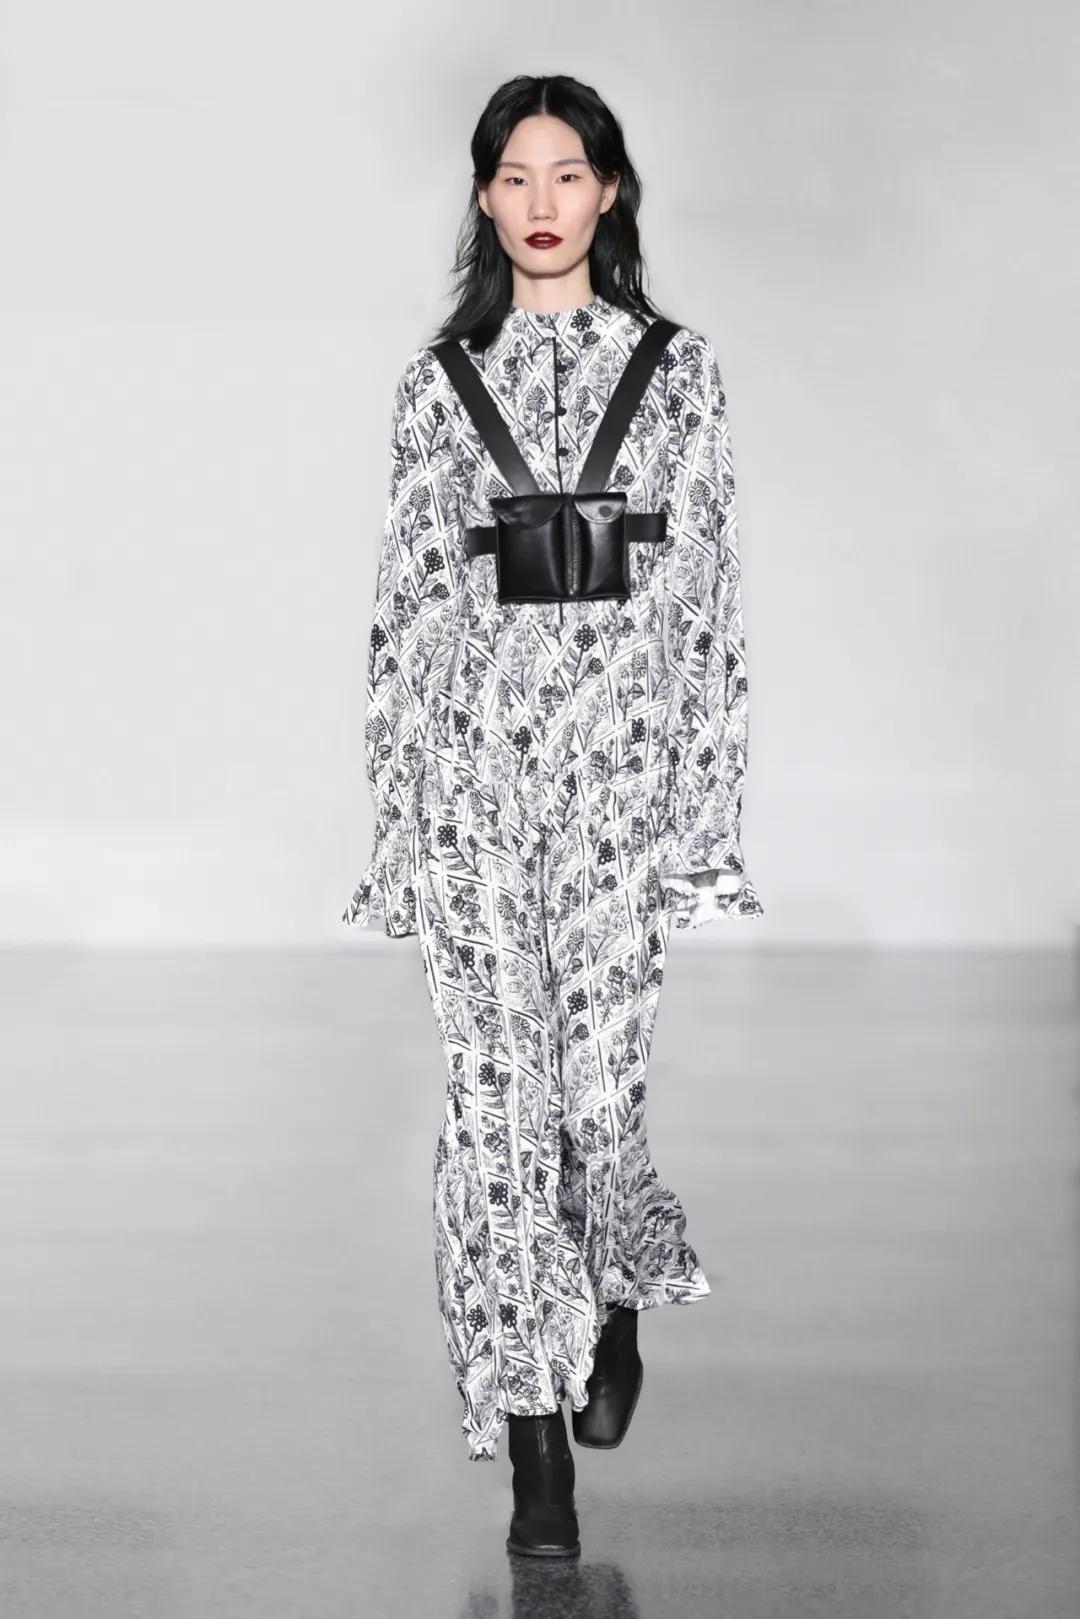 中国女装品牌_XUNRUO熏若2020秋冬发布 中国国际时装周 -服装品牌新品-服装设计网